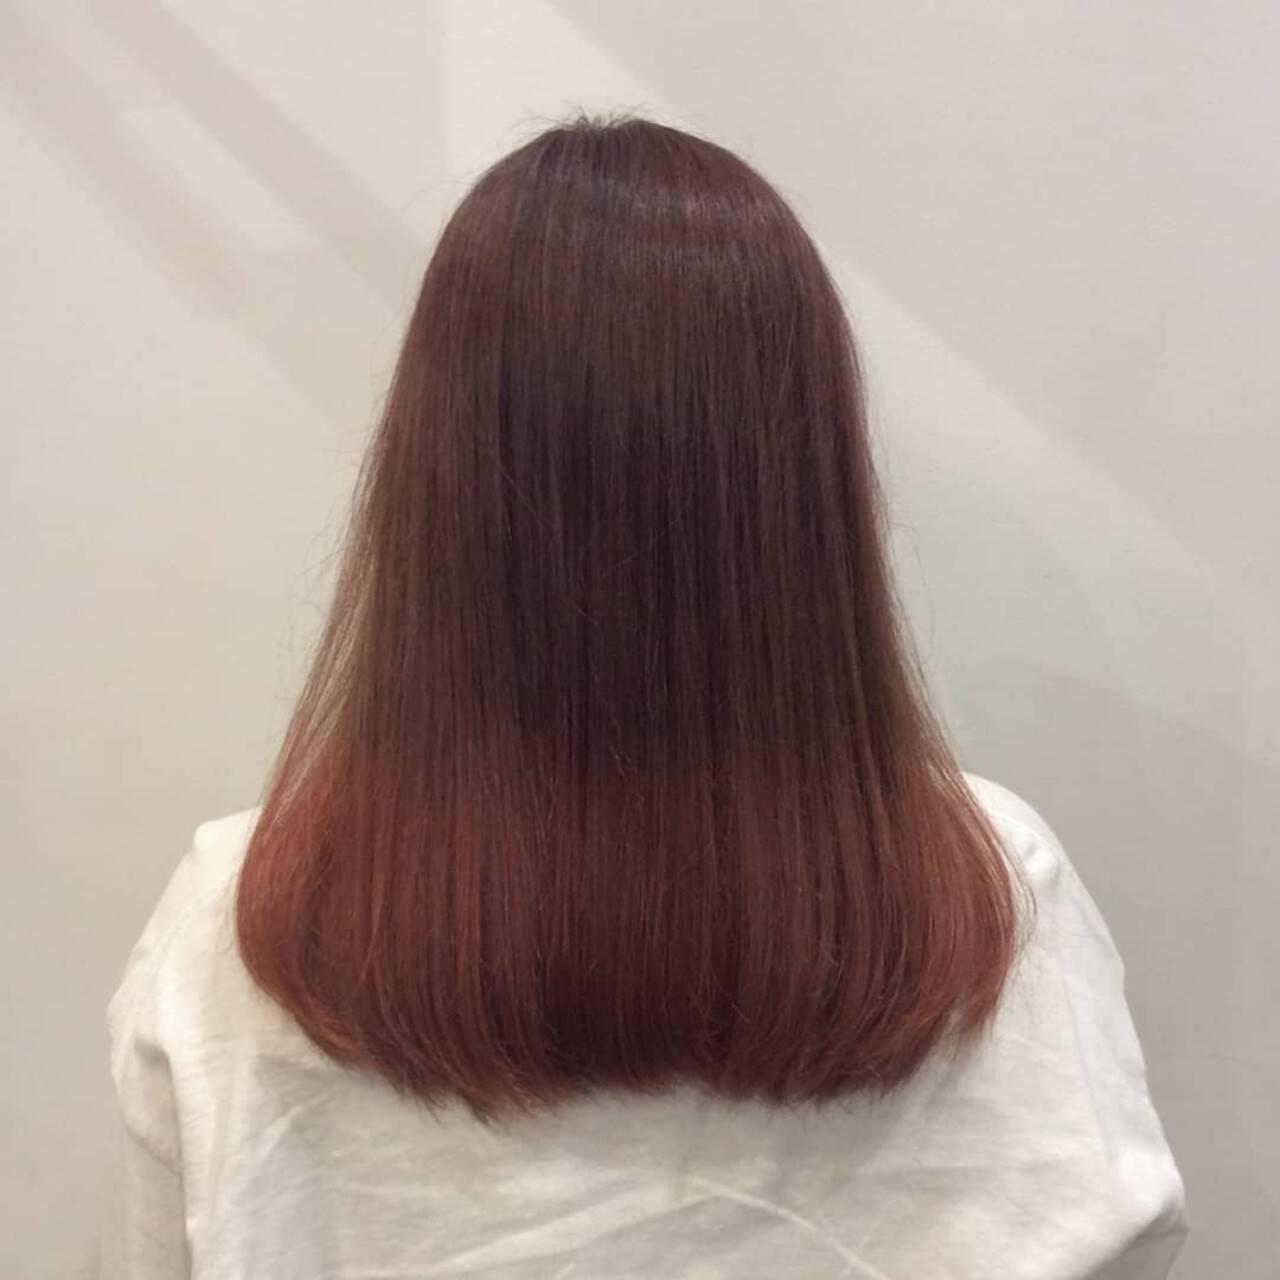 デート ピンク ナチュラル可愛い かわいいヘアスタイルや髪型の写真・画像